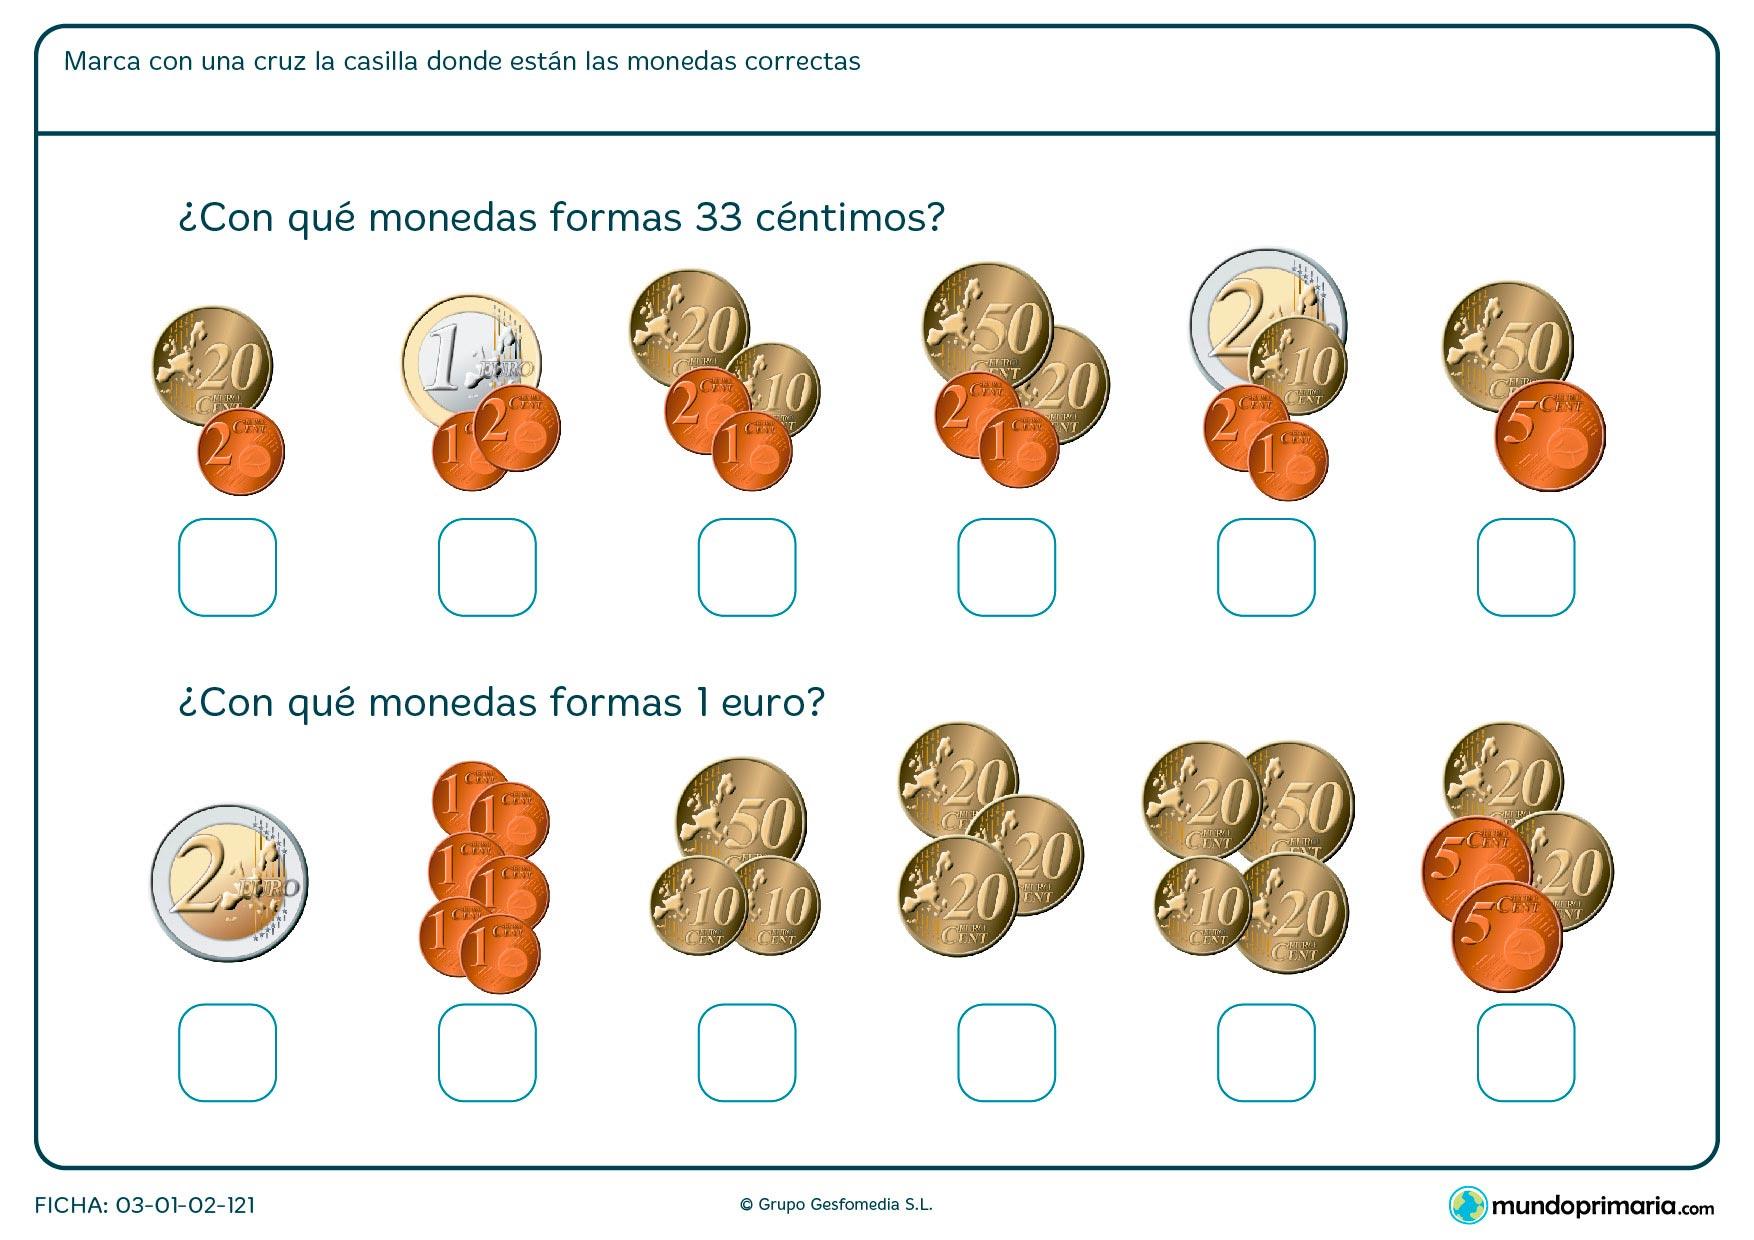 Ficha de calcular dinero en la que hay que marcar la casilla con las monedas correctas.